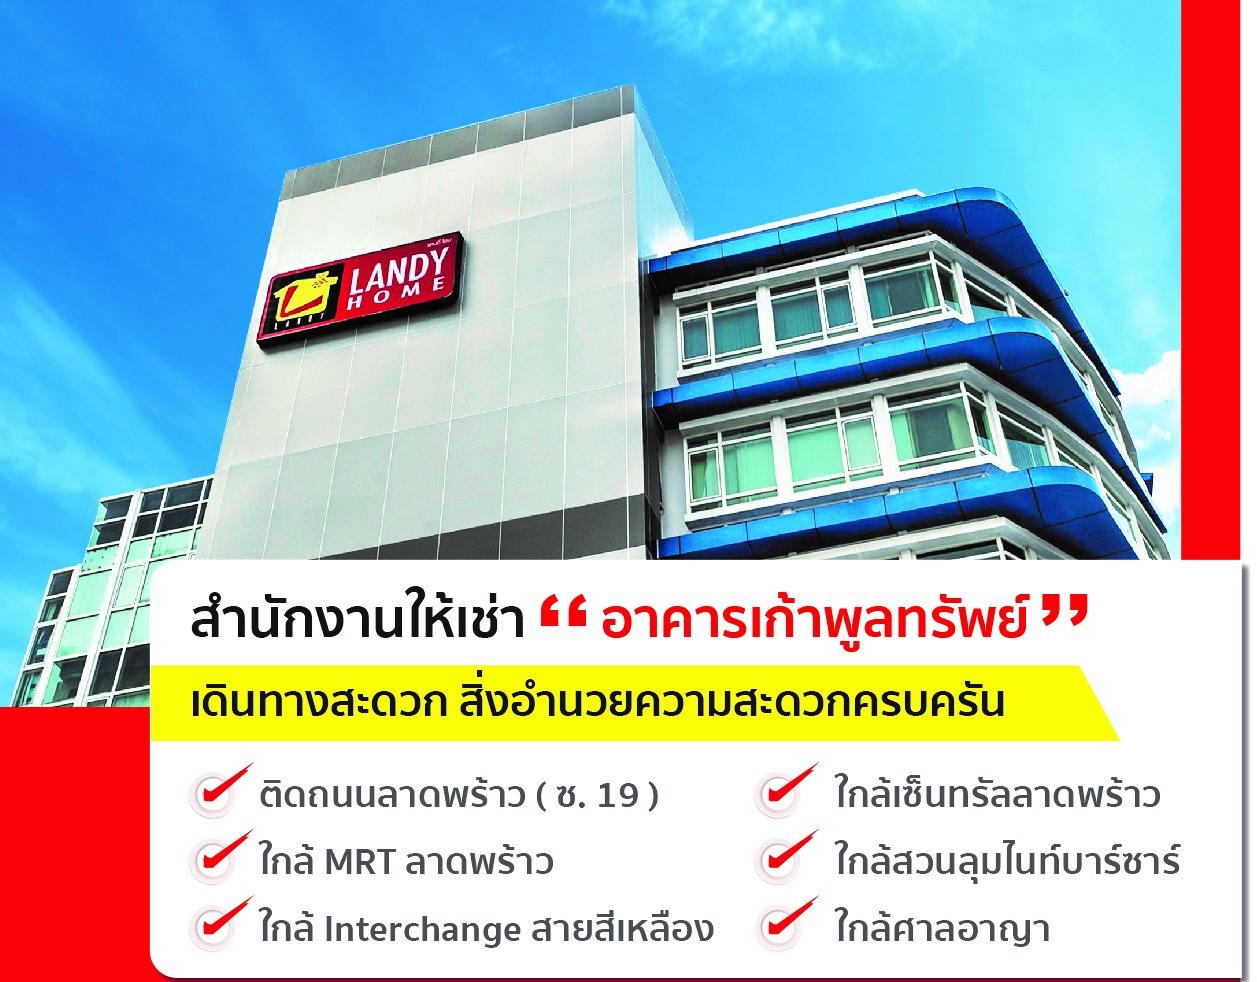 หาผู้เช่าสำนักงาน ติดถนนลาดพร้าว (ซอยลาดพร้าว 19) ห่างจากสถานี MRTลาดพร้าว พื้นที่ว่างให้เช่า 3 ชั้น